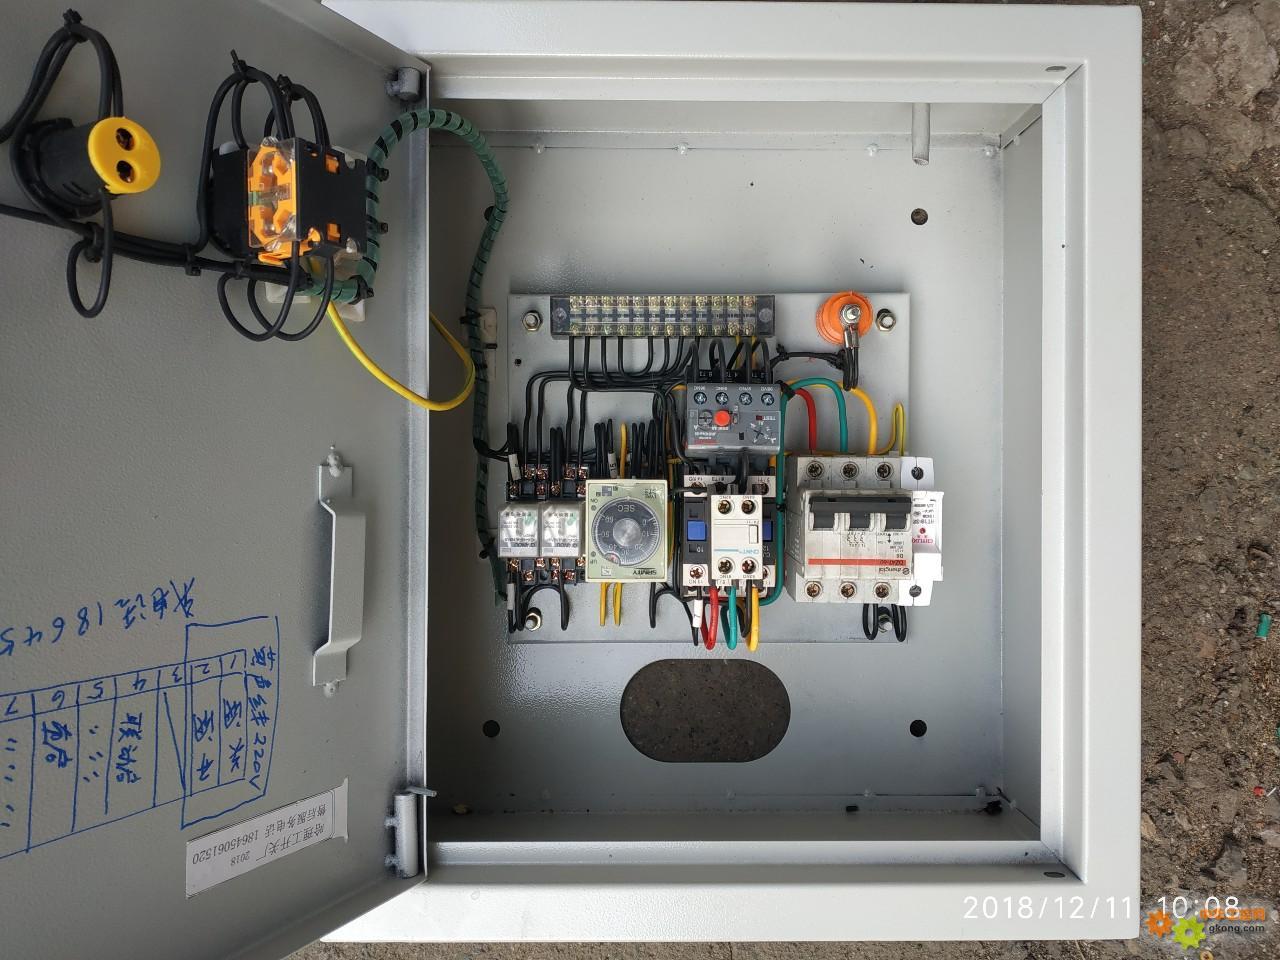 两个消防控制柜子,控制功能一样